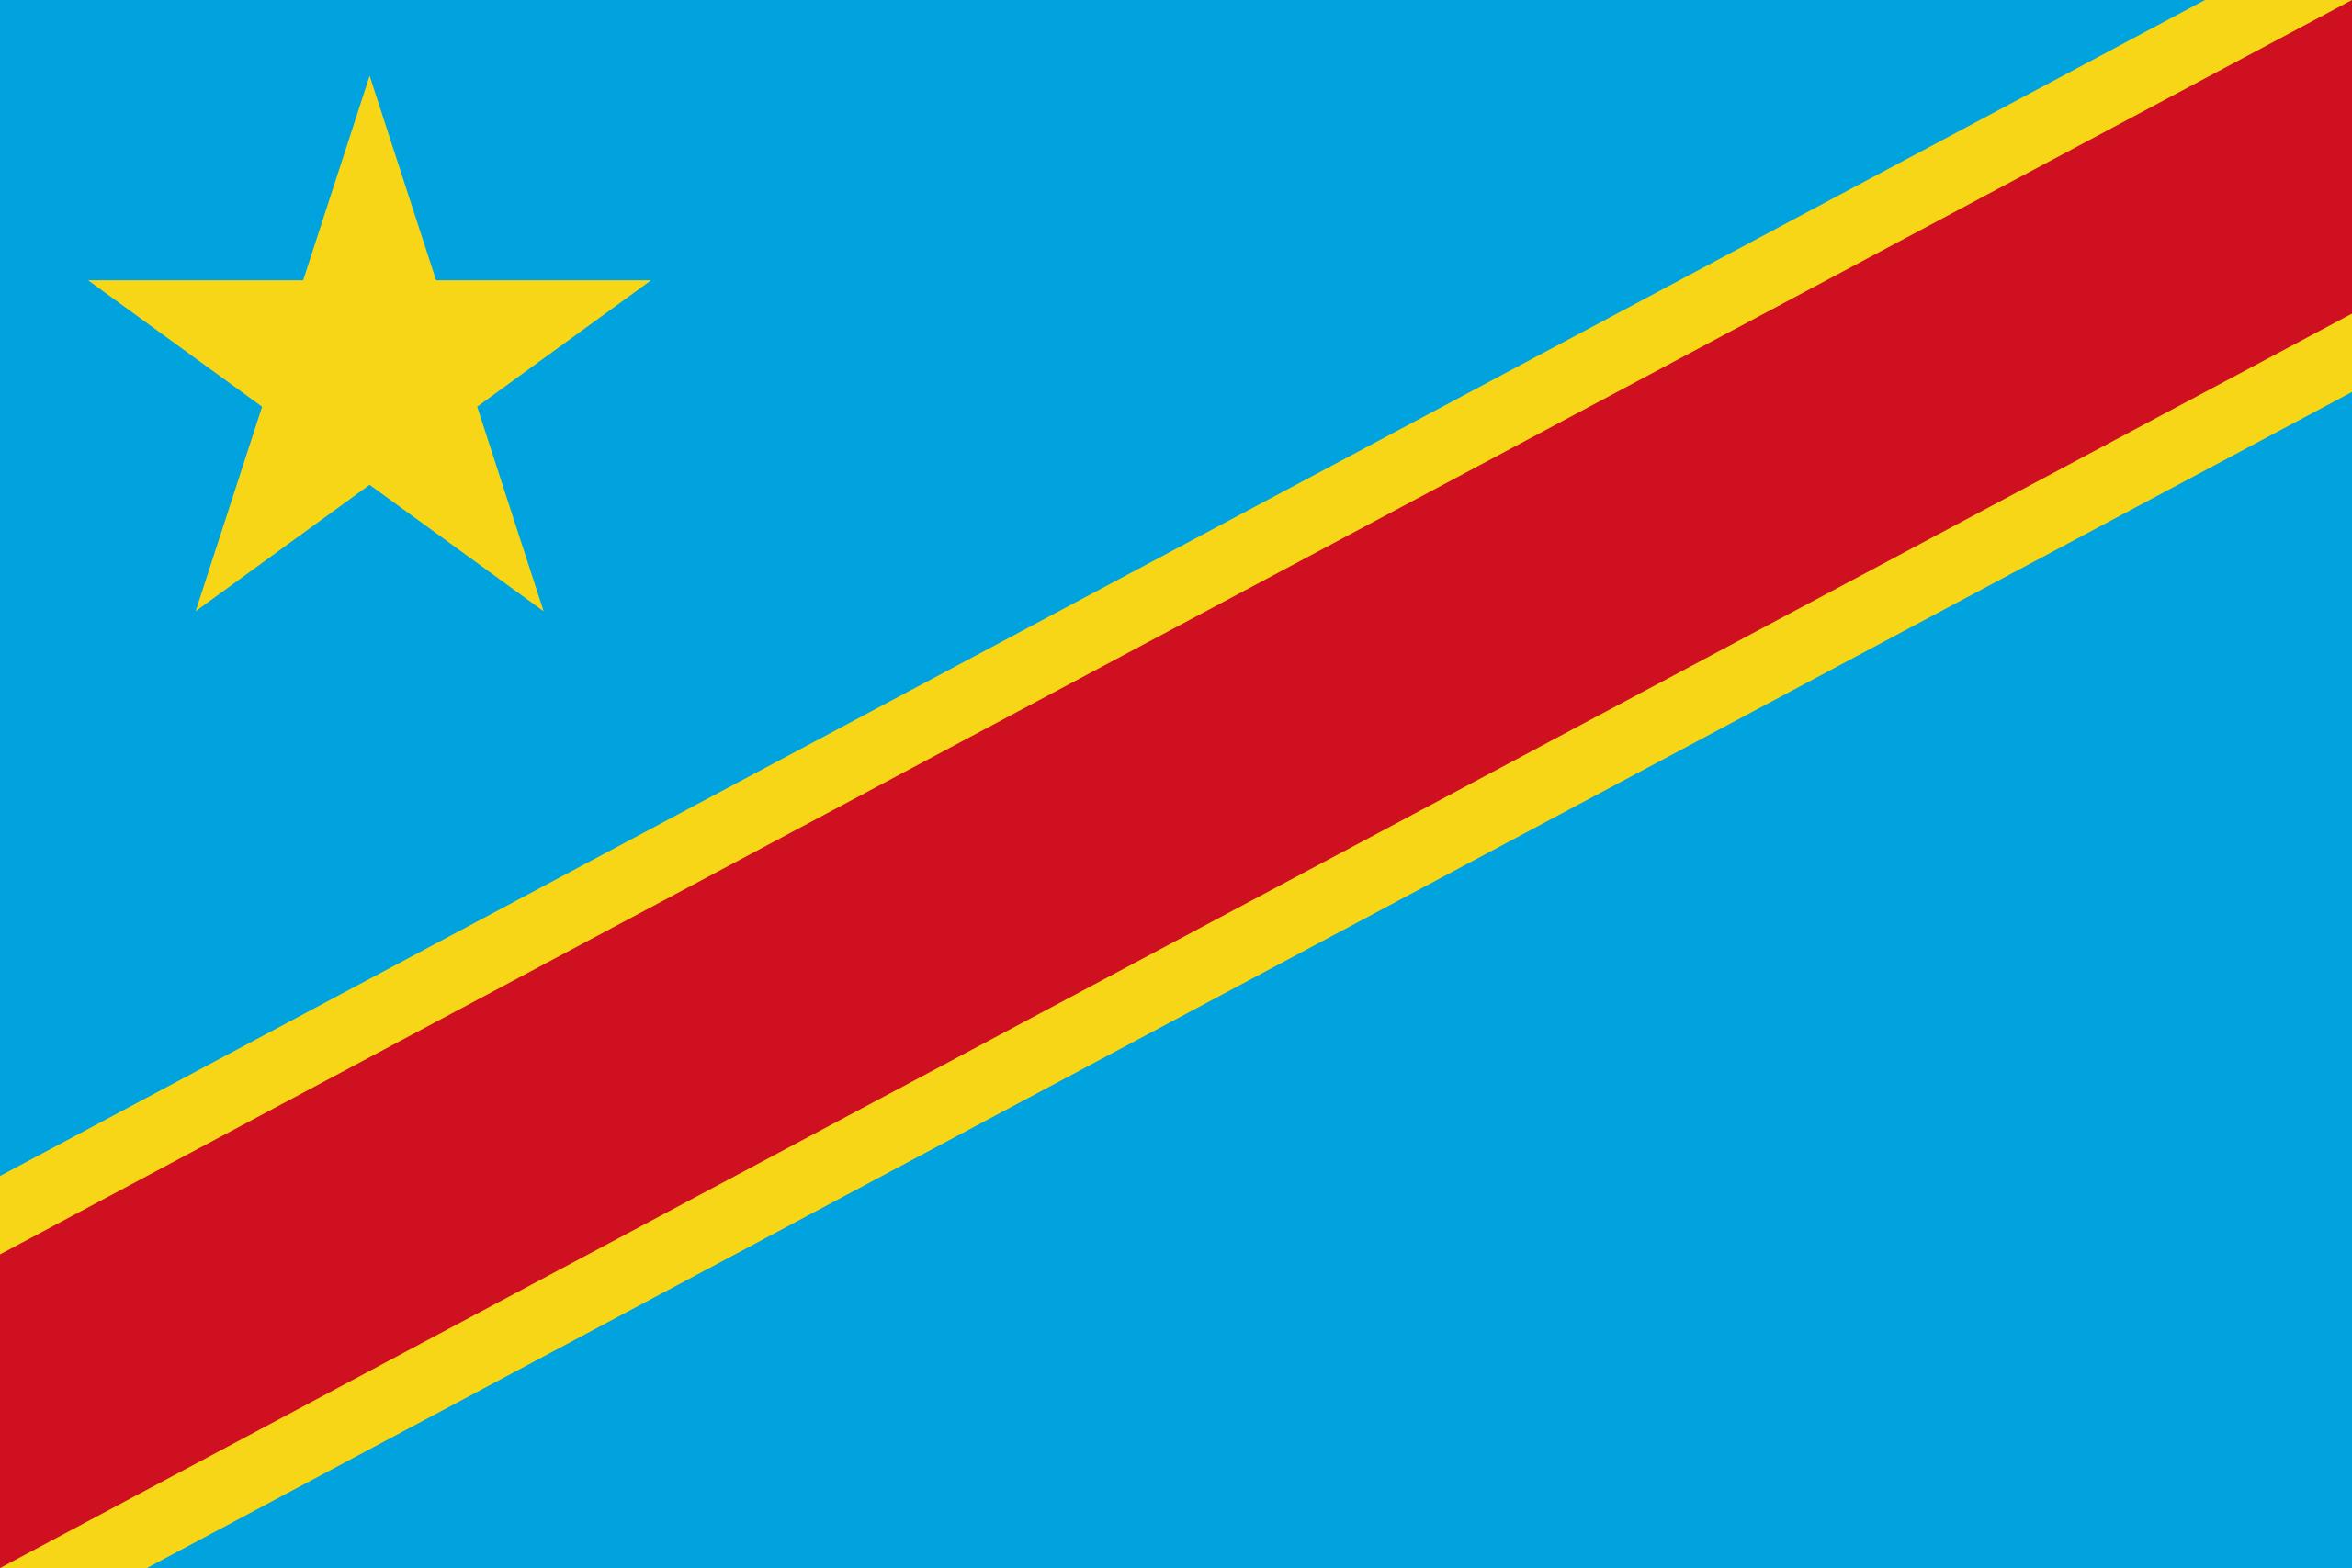 república democrática del congo, Land, Emblem, Logo, Symbol - Wallpaper HD - Prof.-falken.com